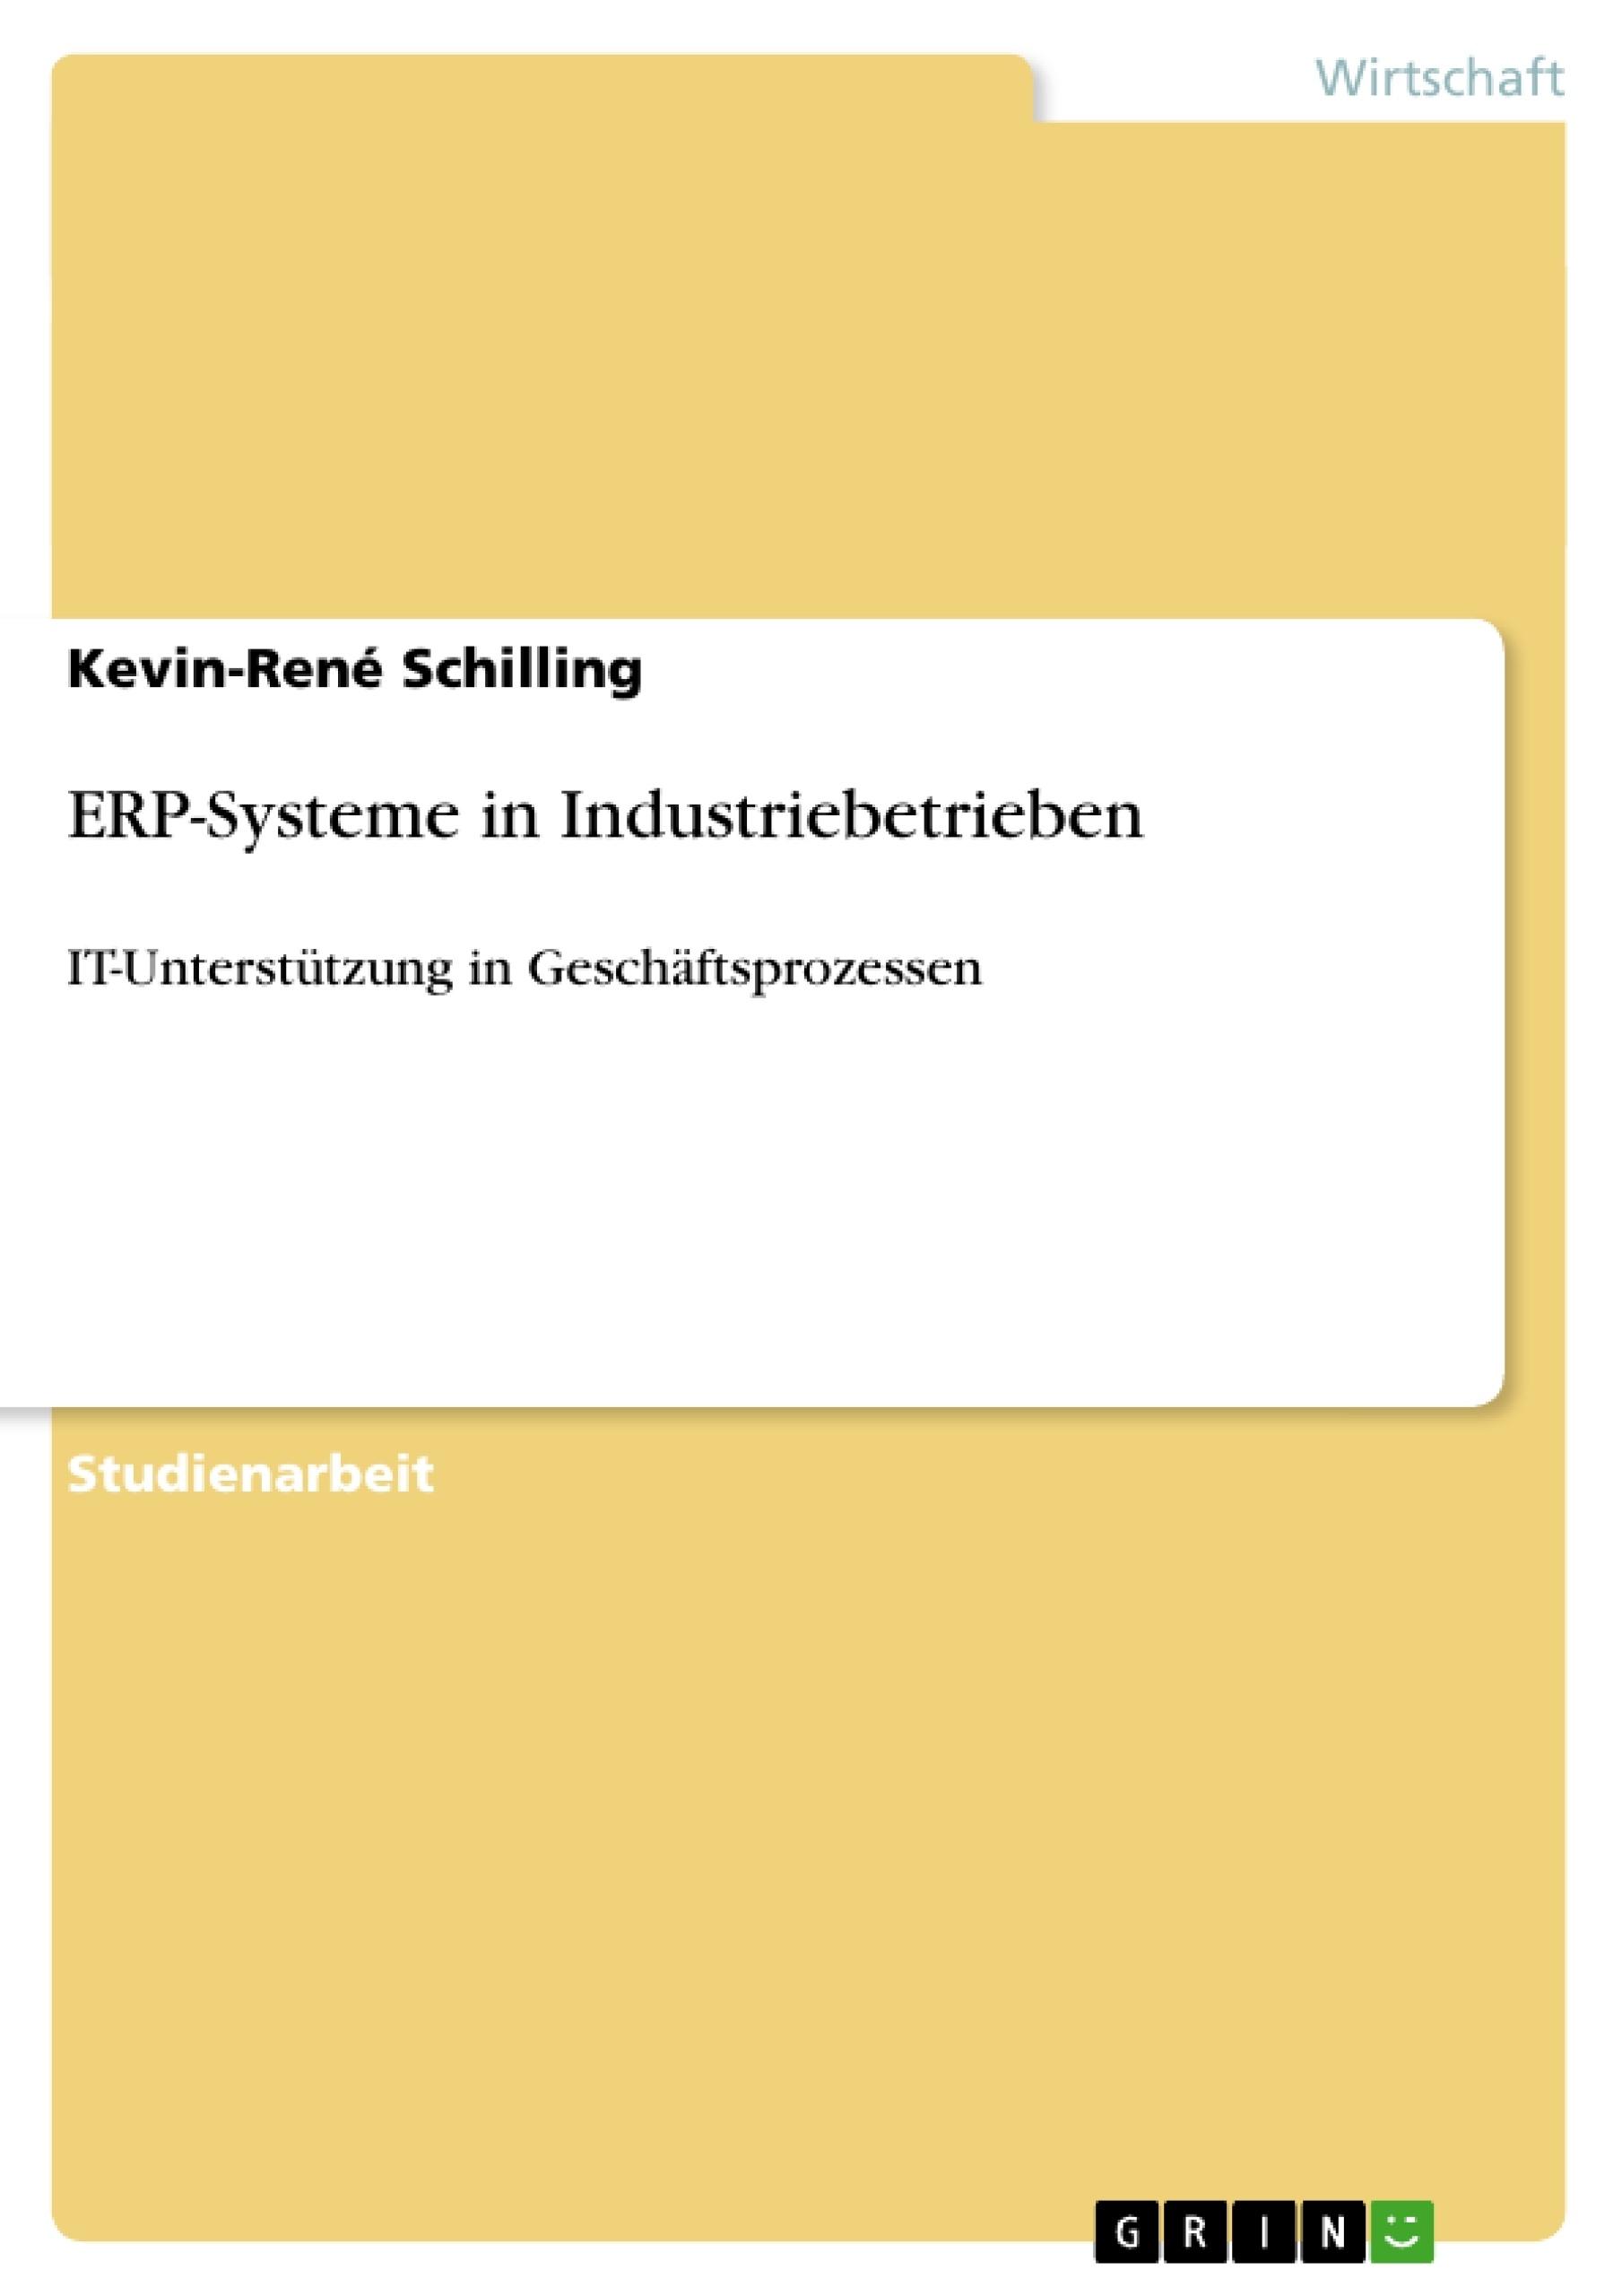 Titel: ERP-Systeme in Industriebetrieben